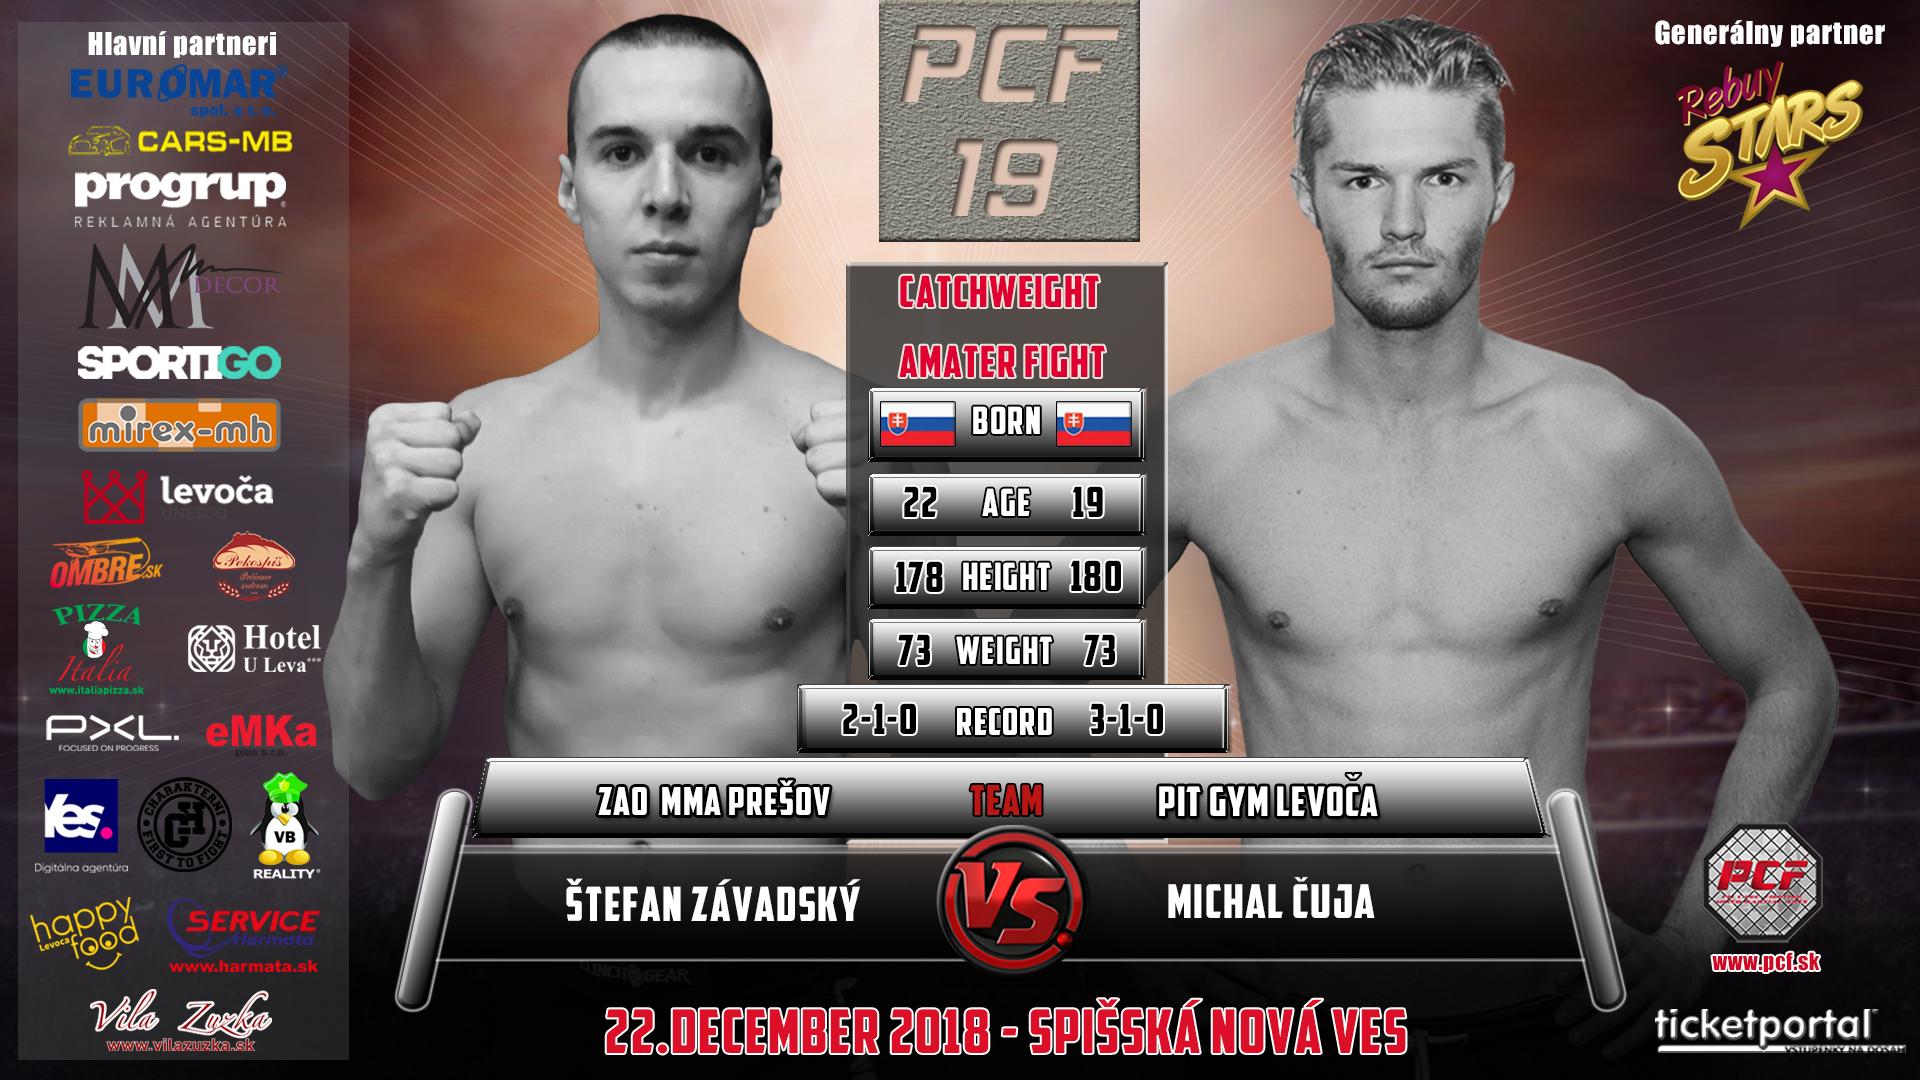 Michal Čuja, víťaz zápasu PCF 19